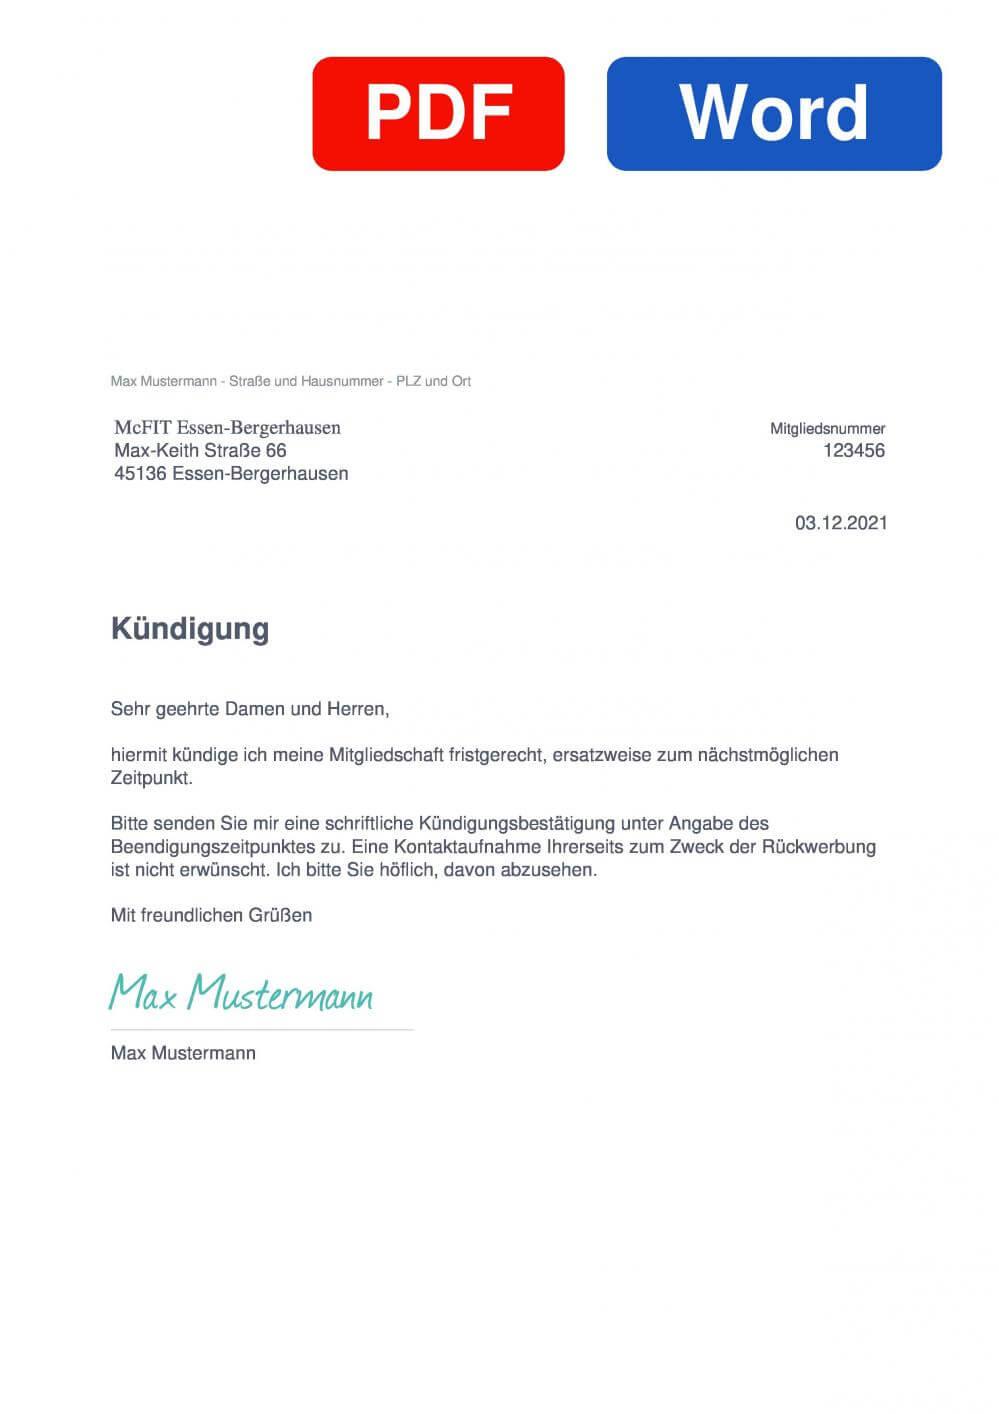 McFIT Essen-Bergerhausen Muster Vorlage für Kündigungsschreiben